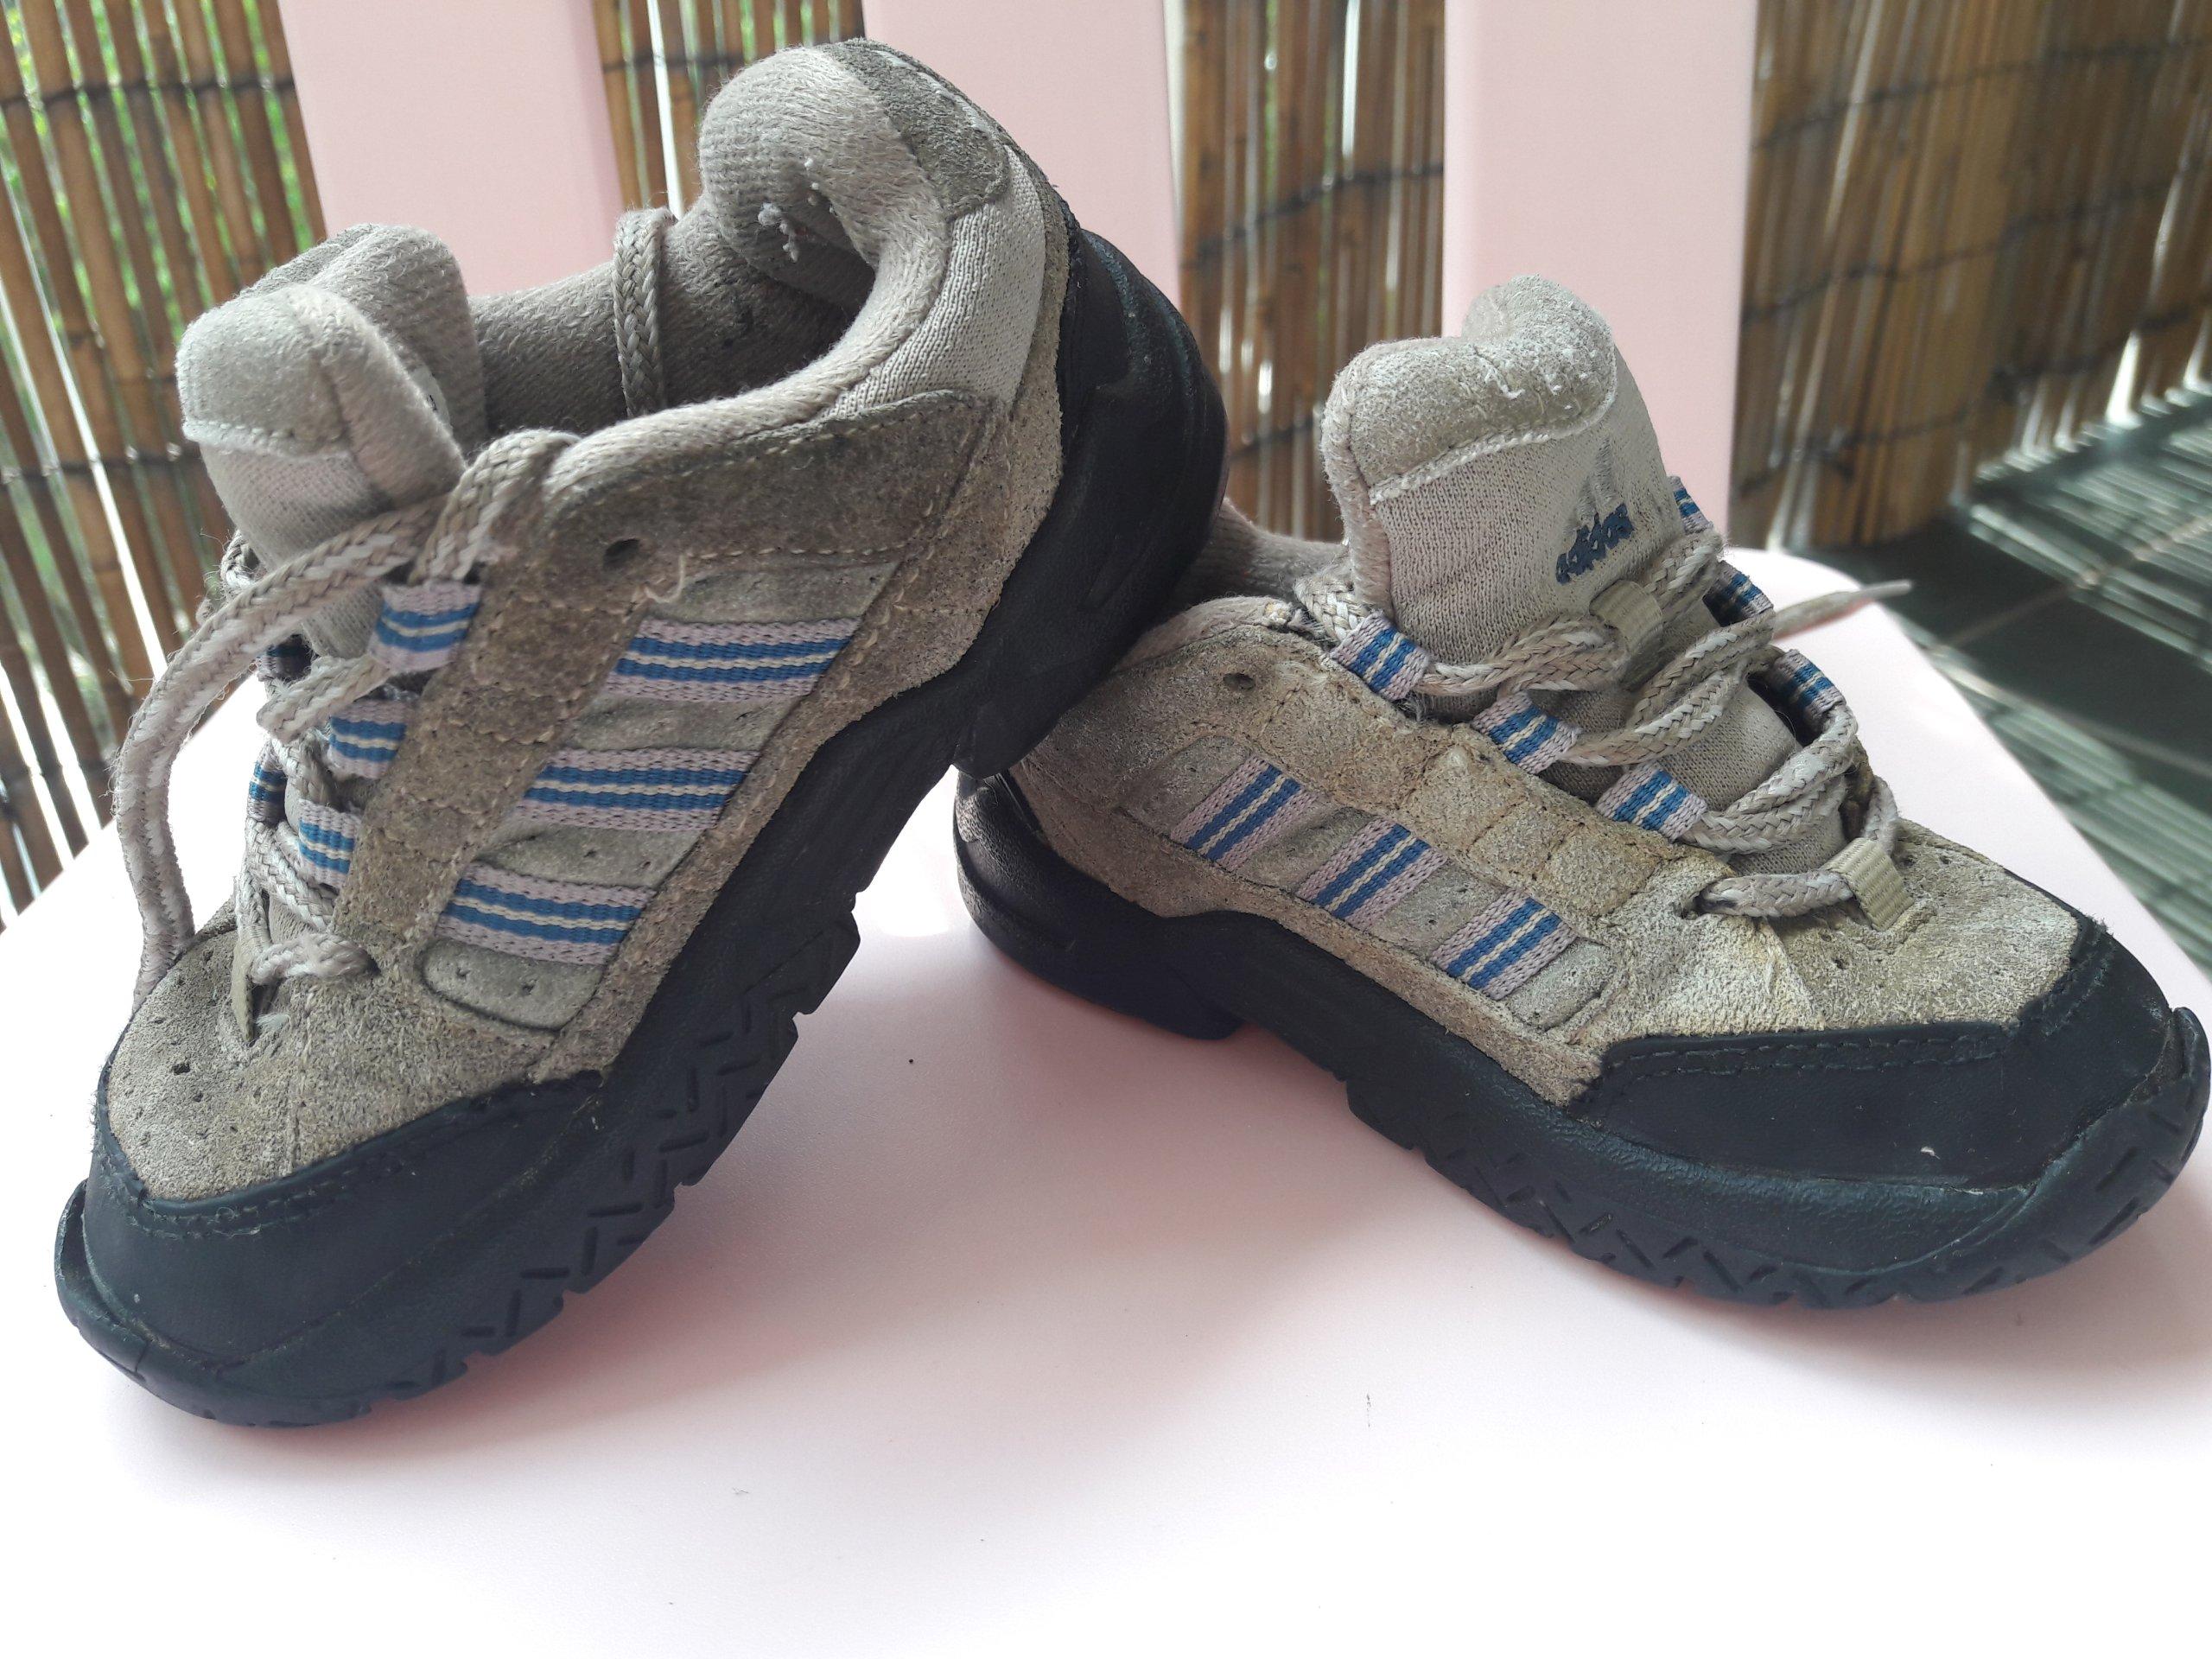 74101b28 buty chłopięce rozm. 22 - Adidasy - 7352717716 - oficjalne archiwum ...